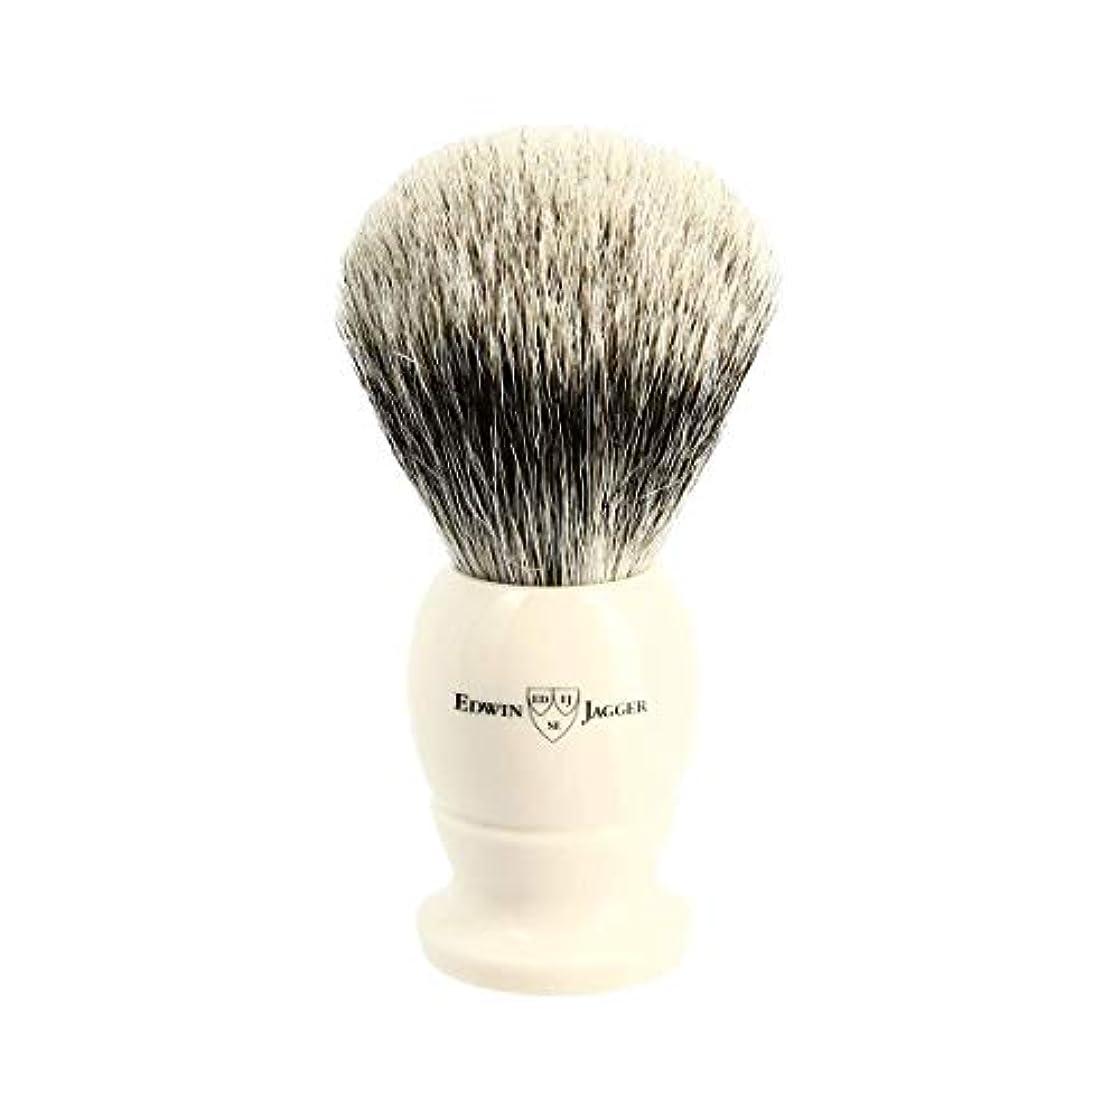 球状信頼性会員エドウィンジャガー アイボリー ベストバッジャーアナグマ毛 シェービングブラシ大3EJ877[海外直送品]Edwin Jagger Ivory Best Badger Shaving Brush Large 3EJ877...